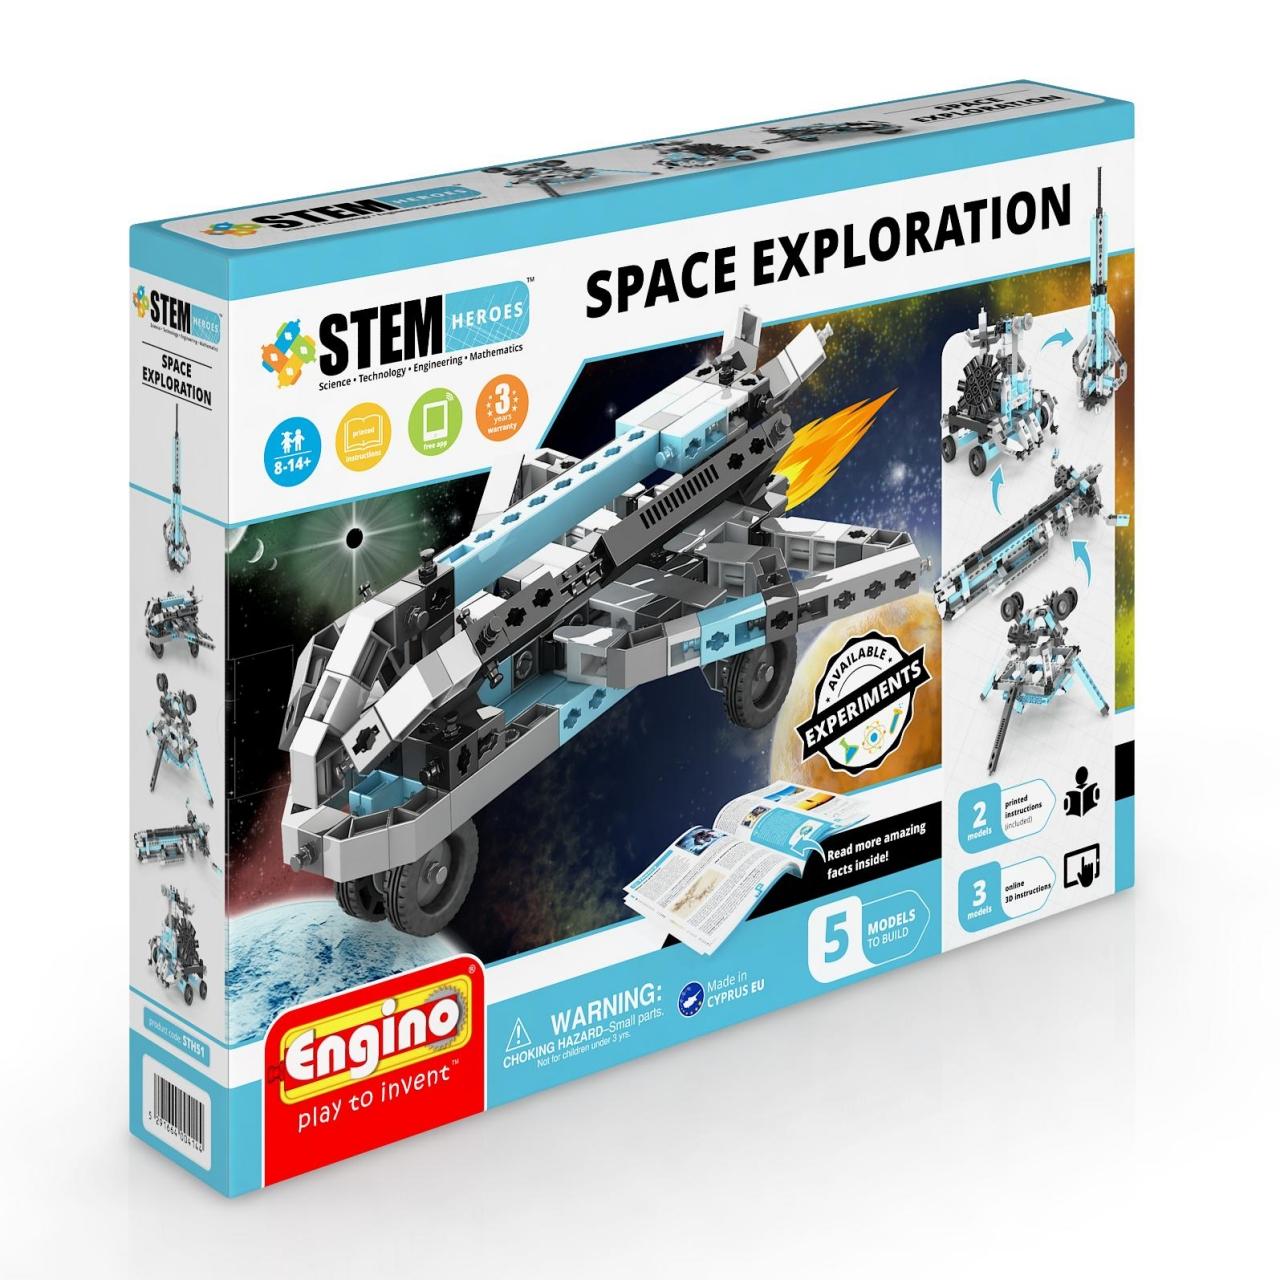 Конструктор ENGINO STH51 STEM Heroes. Набор из 5 моделей. Освоение космоса<br>